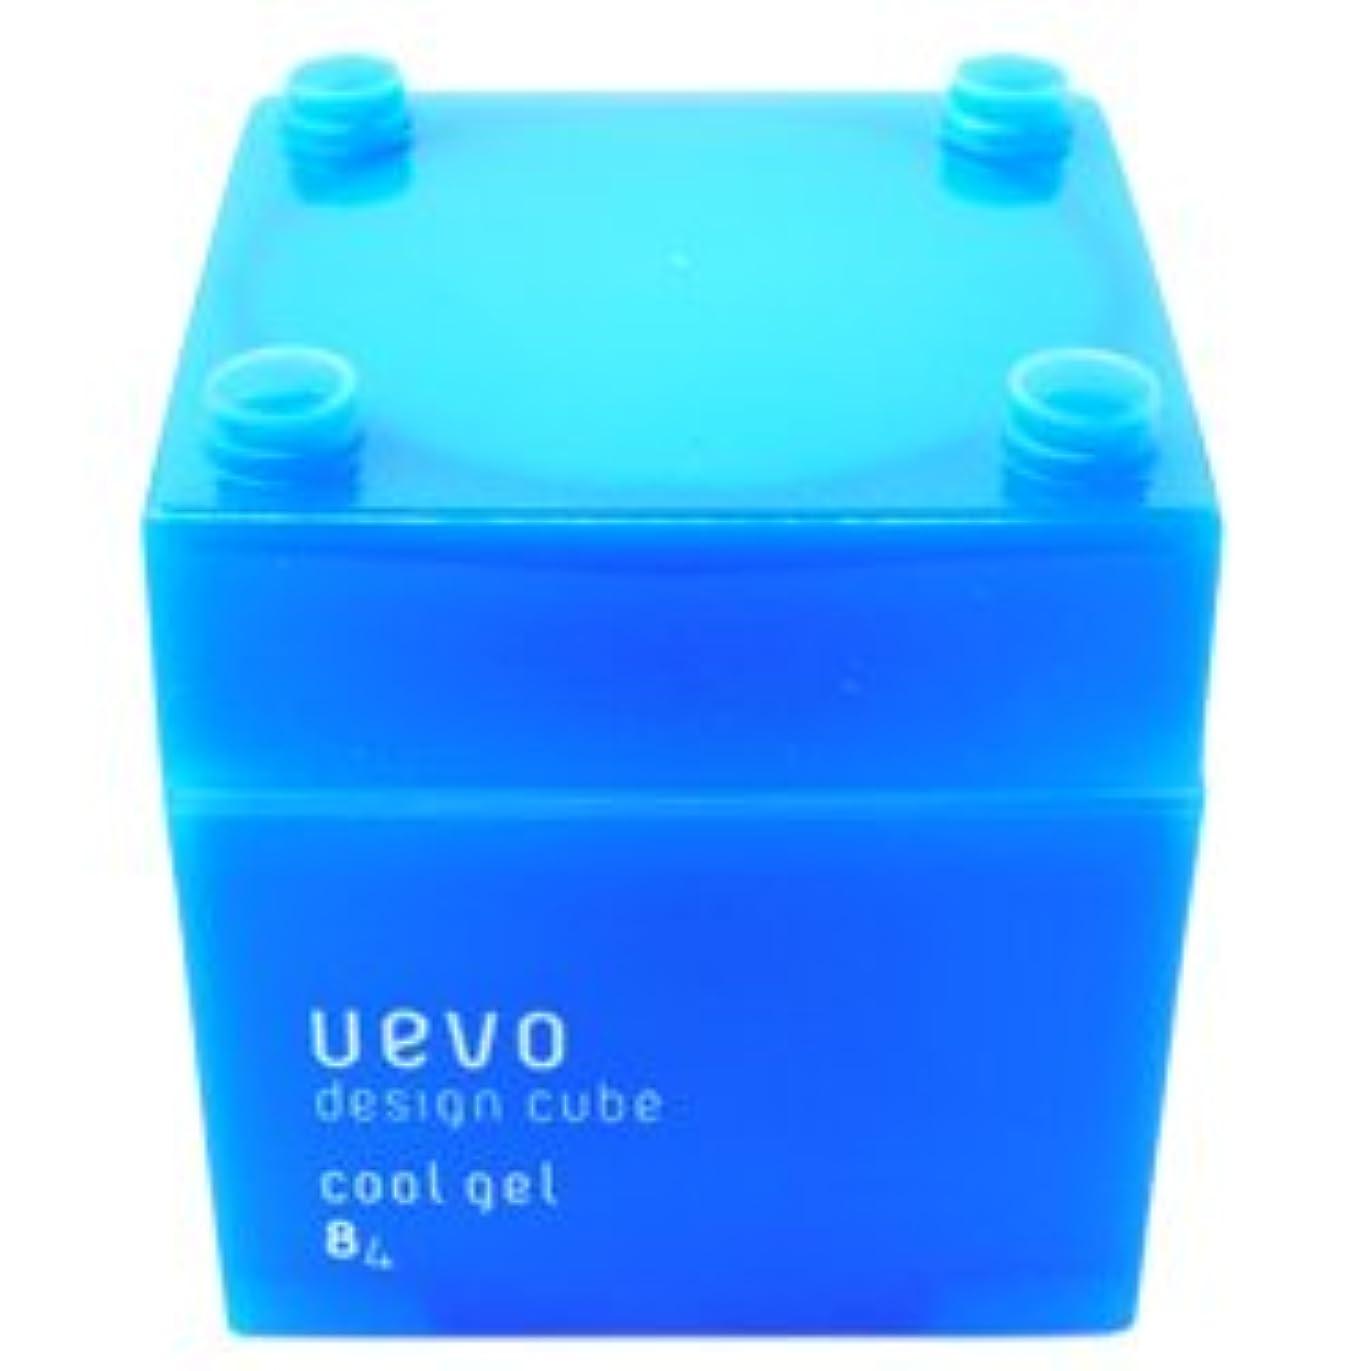 機関受け取る事実上ウェーボ デザインキューブ 80g ニュートラルワックス (在庫) [並行輸入品]